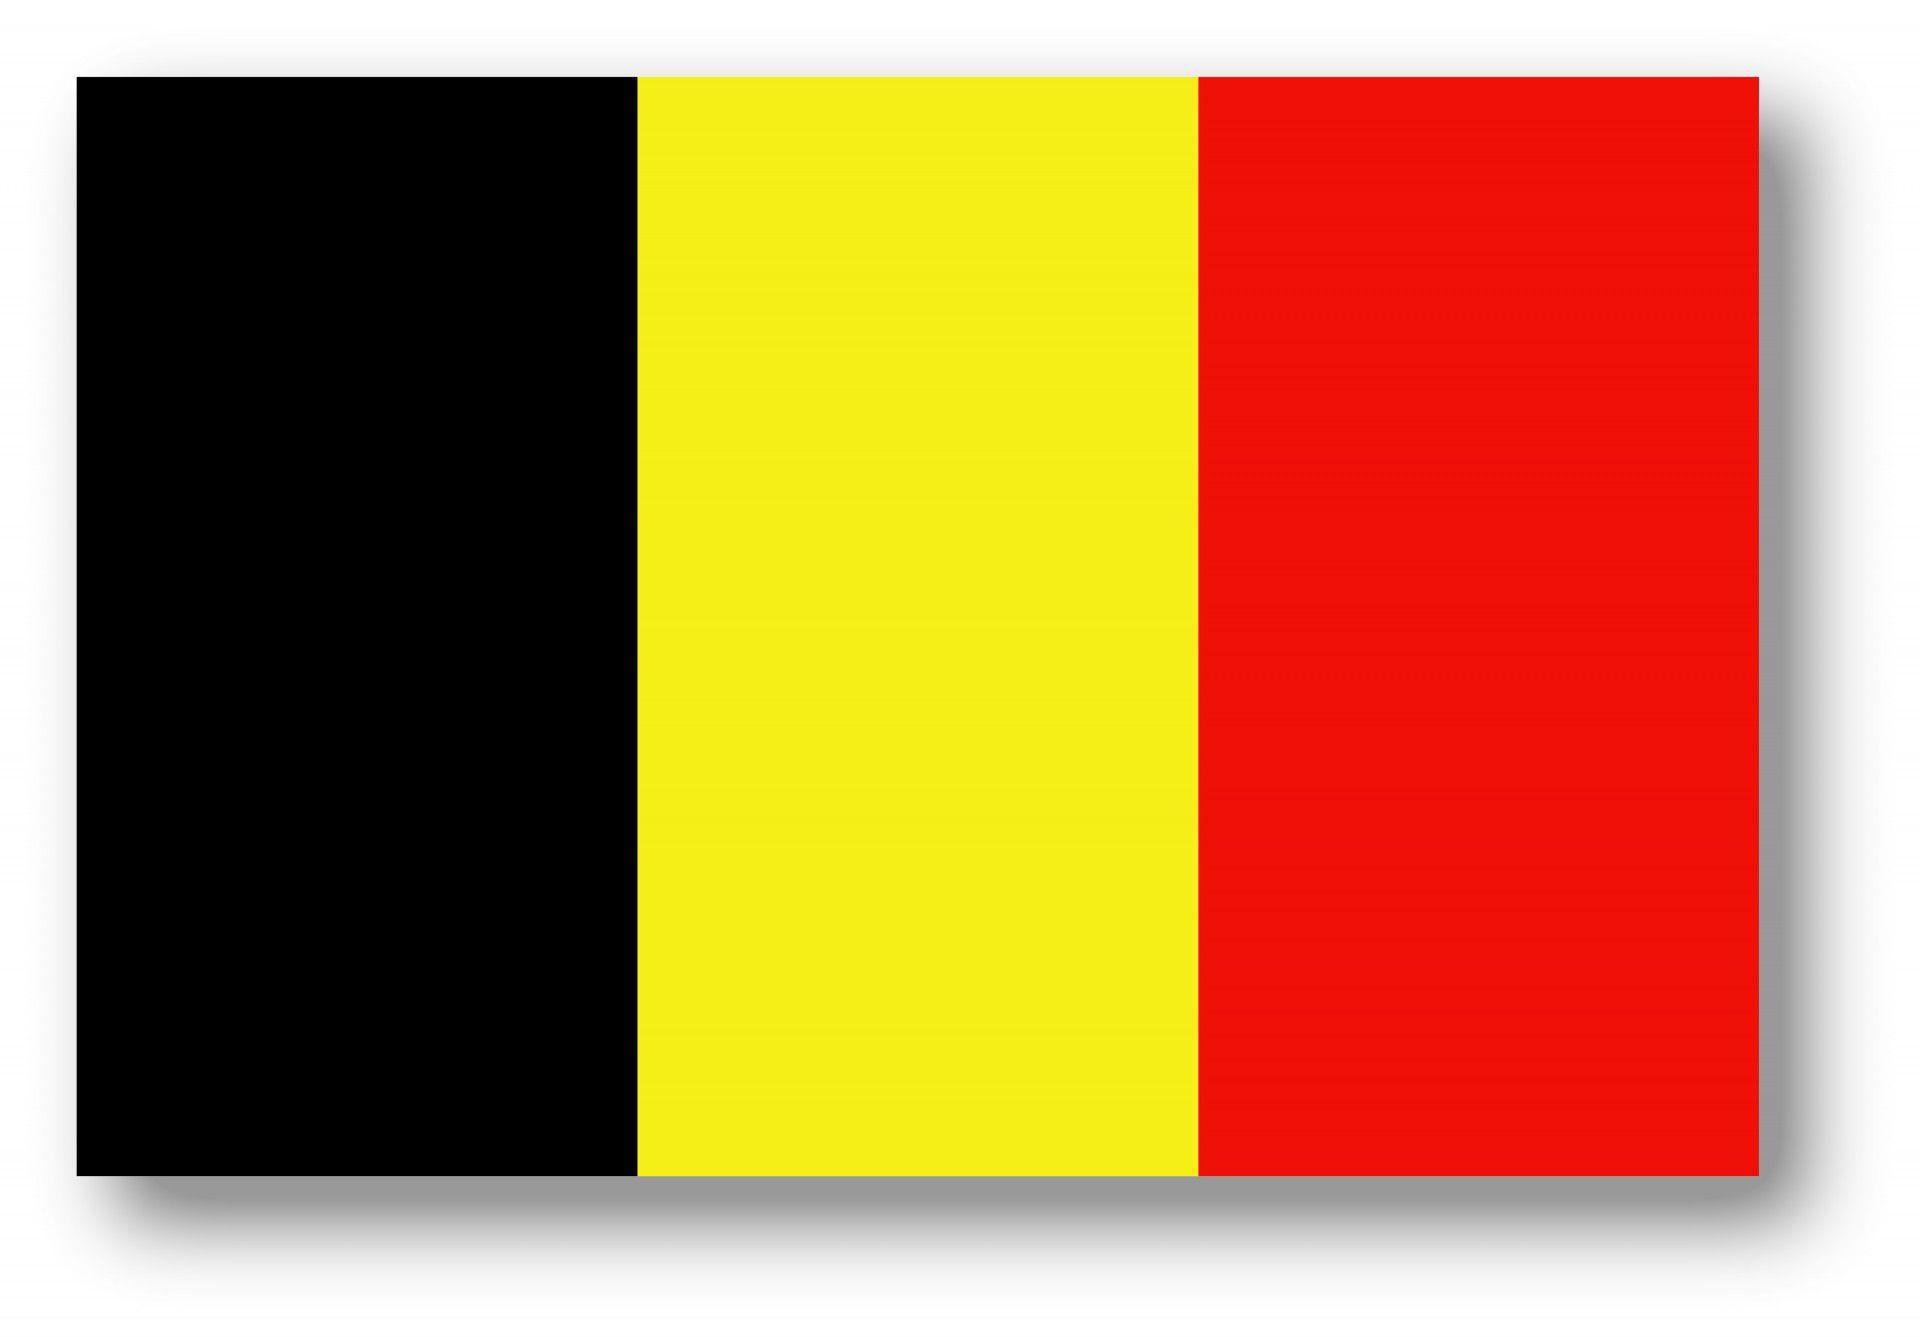 Belgische vlag.jpg